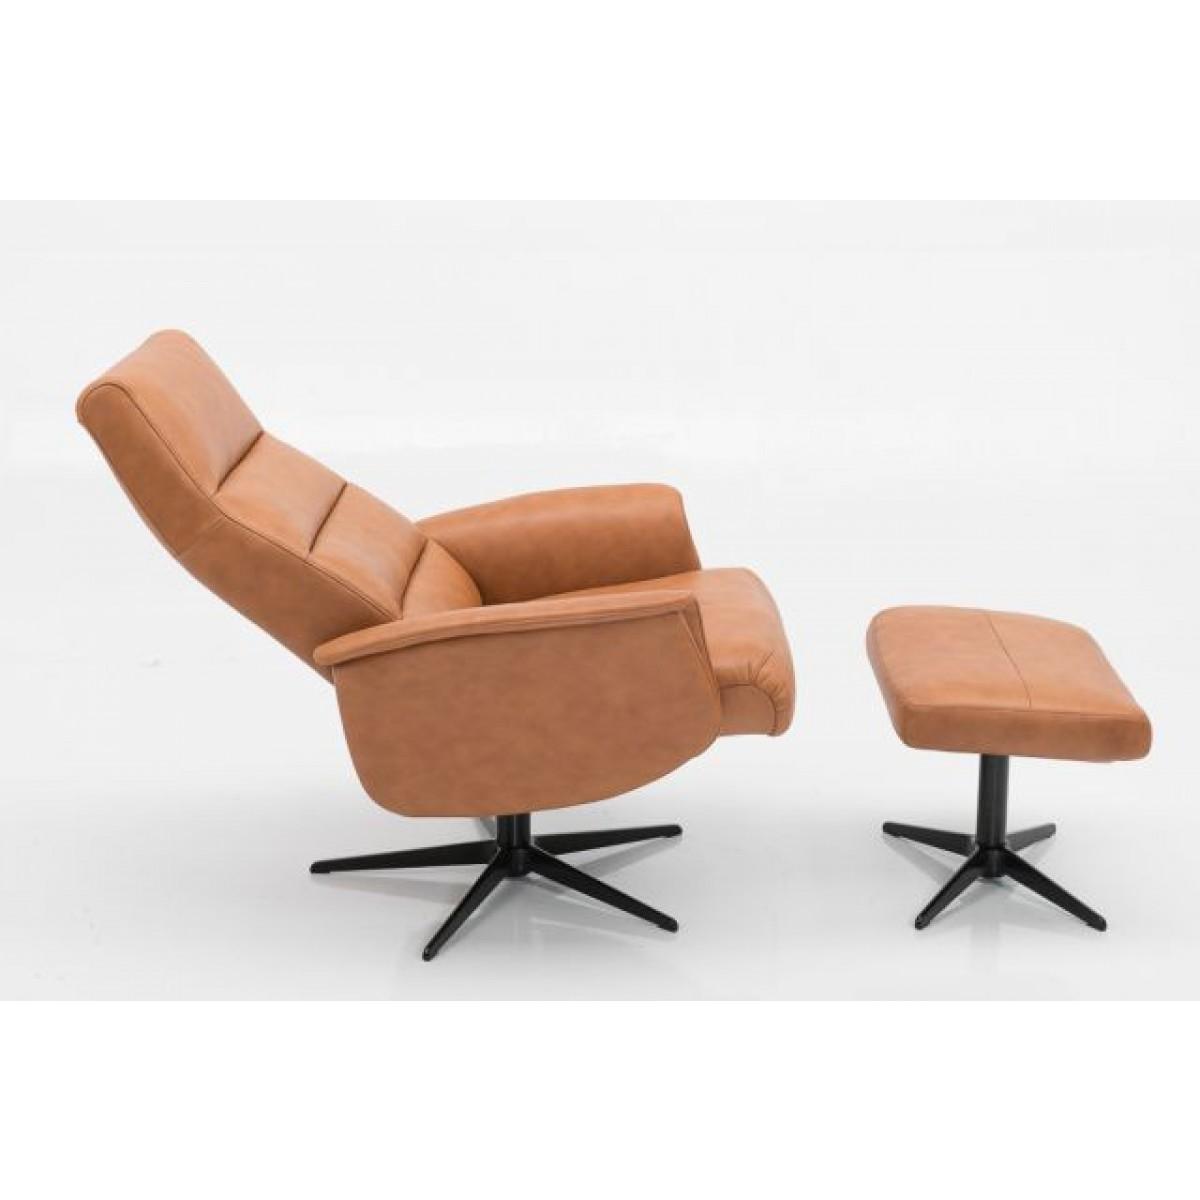 dixon-draaifauteuil-relax-fauteuil-hjort-knudsen-semi-analin-leer-zijkant-uitgeklapt